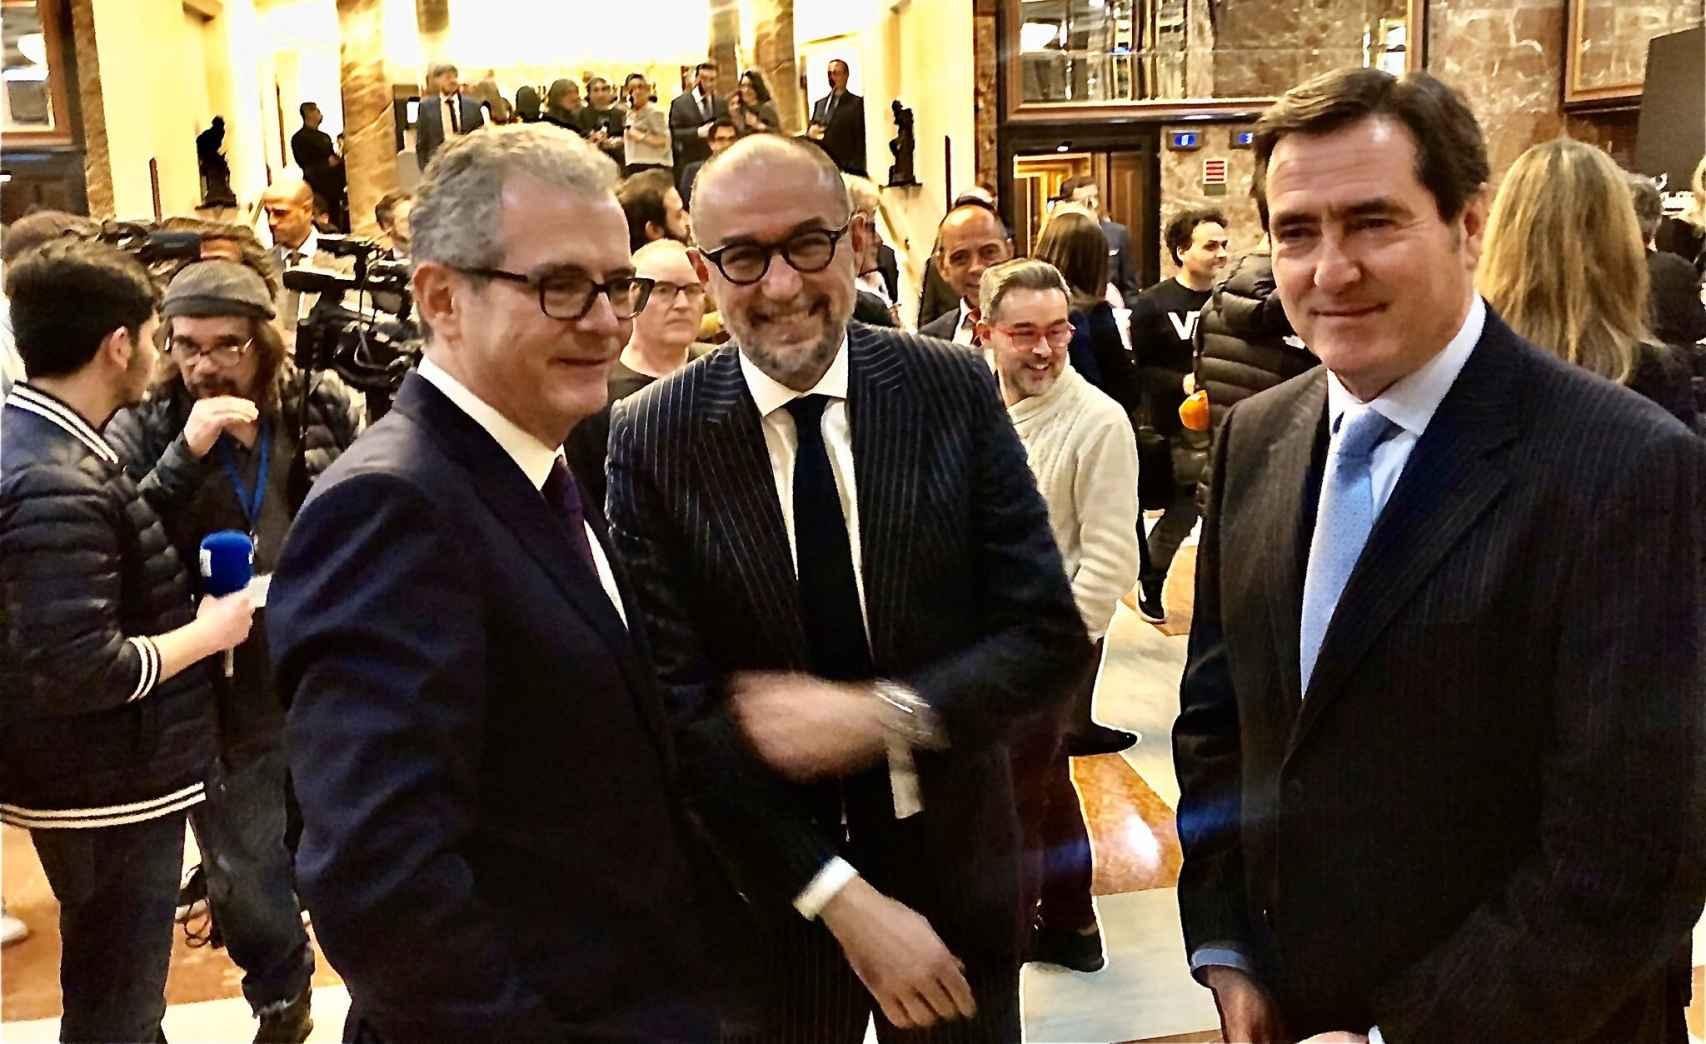 Isla, Garicano, y el editor de 'Forbes' recibiendo invitados.